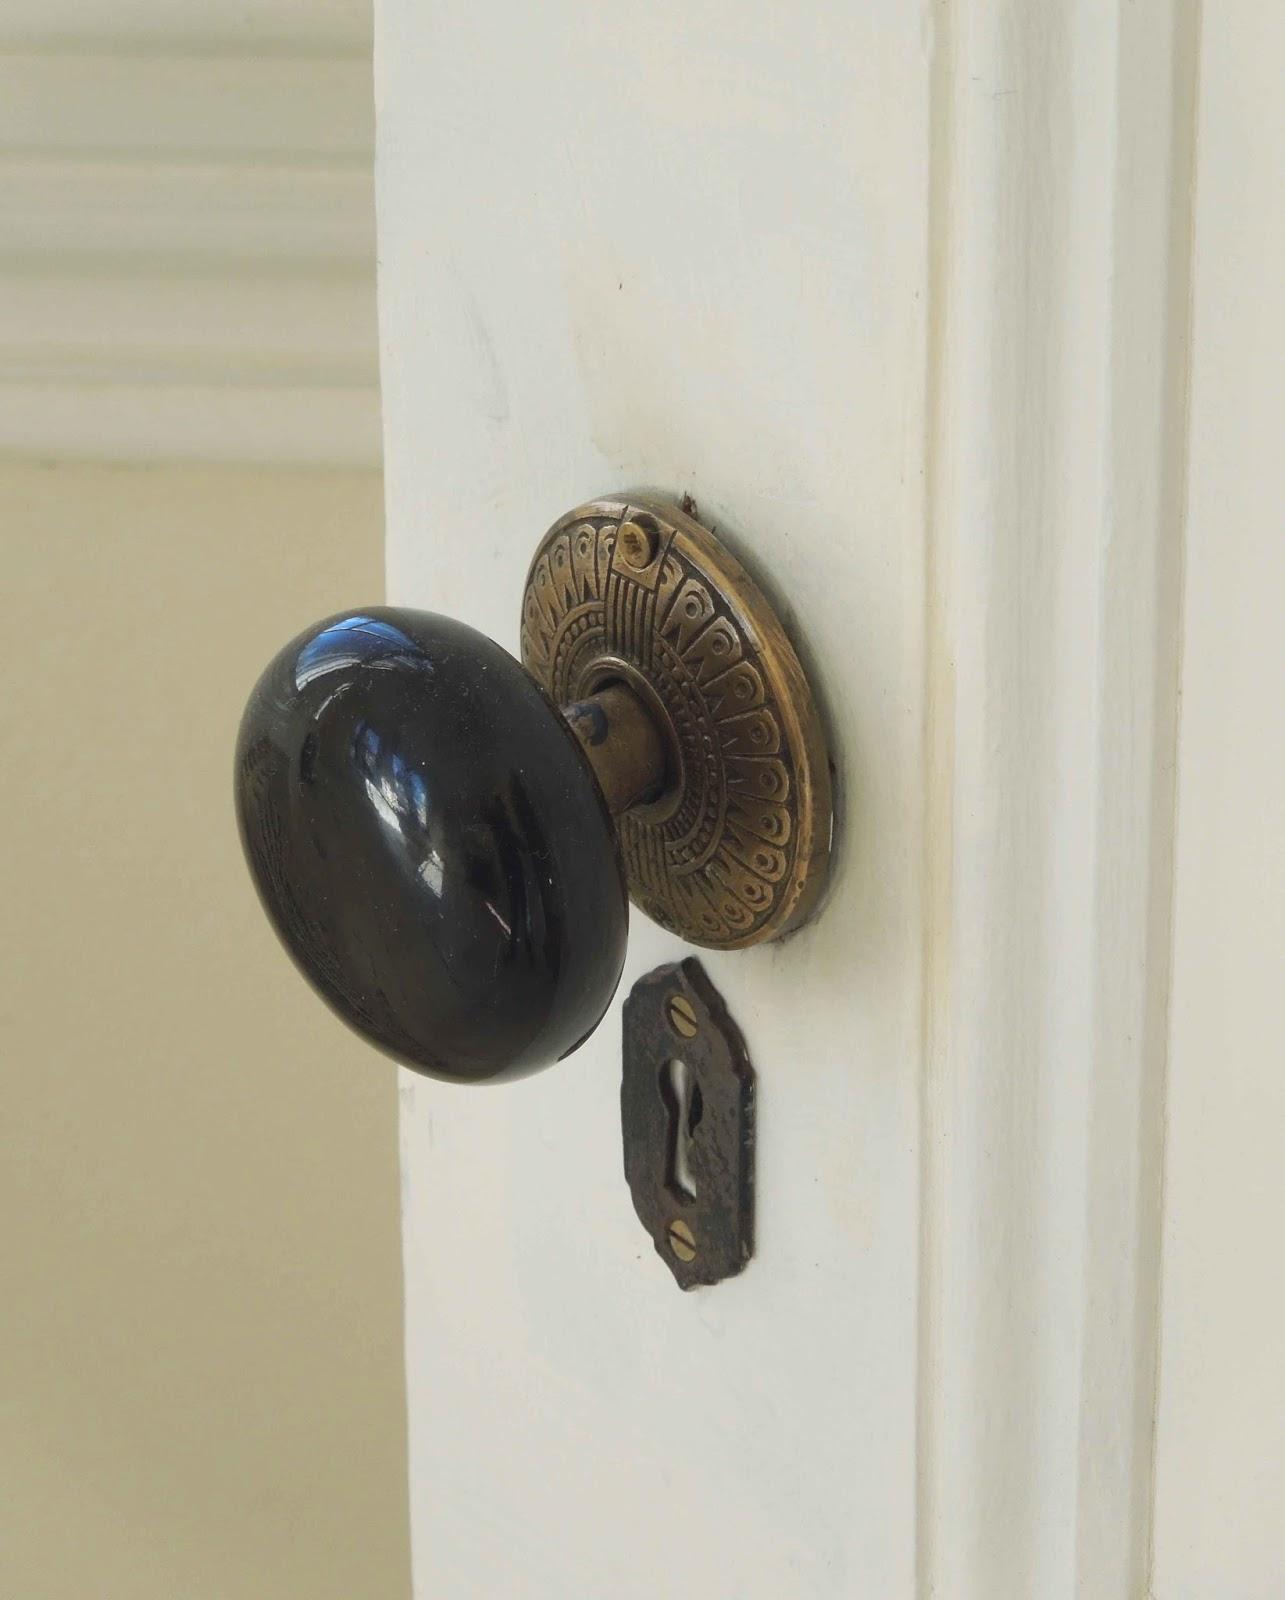 rubber door knob covers photo - 11